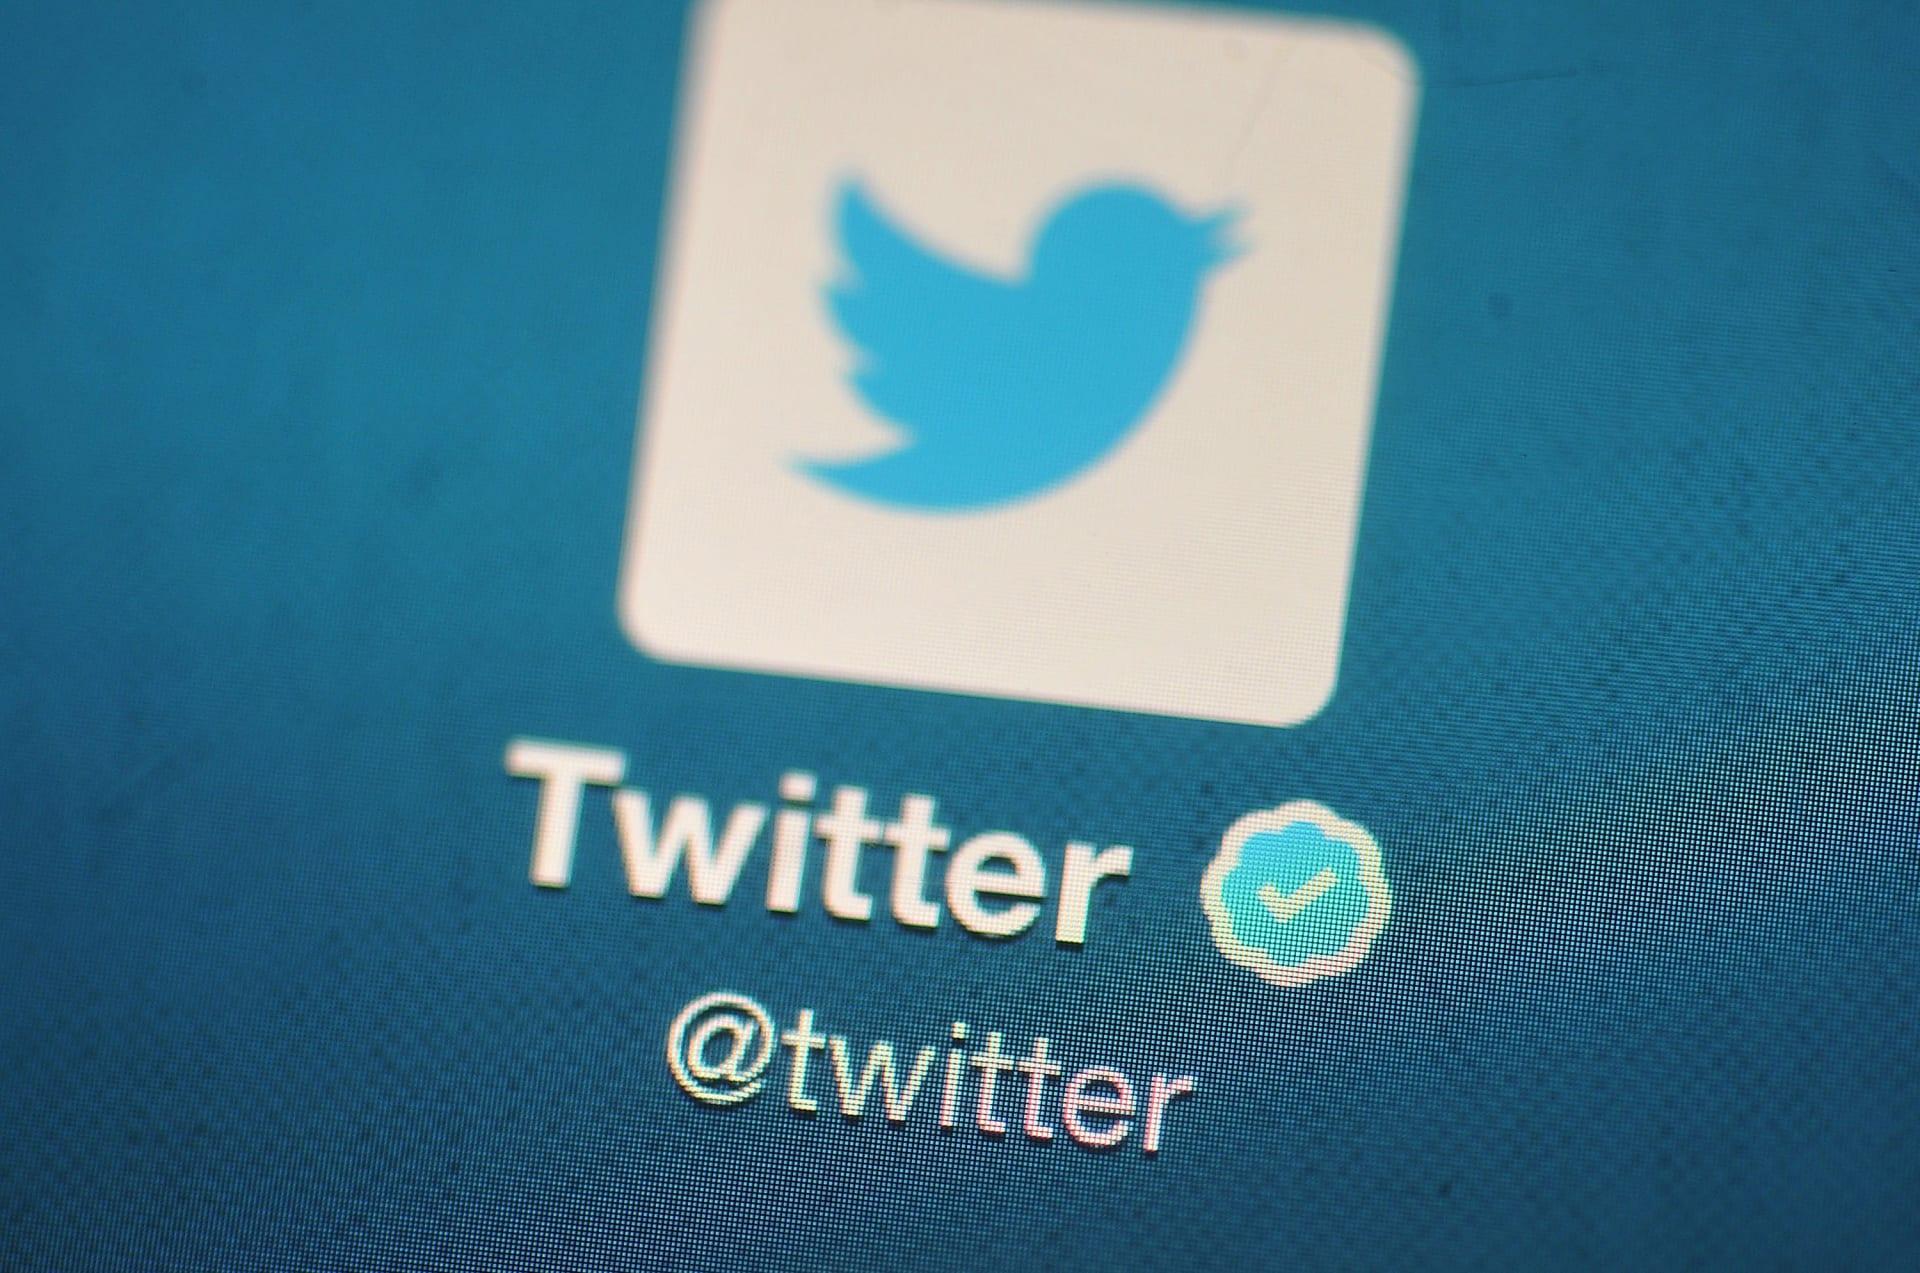 """تويتر يكشف سبب اختفاء خاصية """"إعادة التغريد"""".. ما علاقته بالانتخابات الأمريكية؟"""